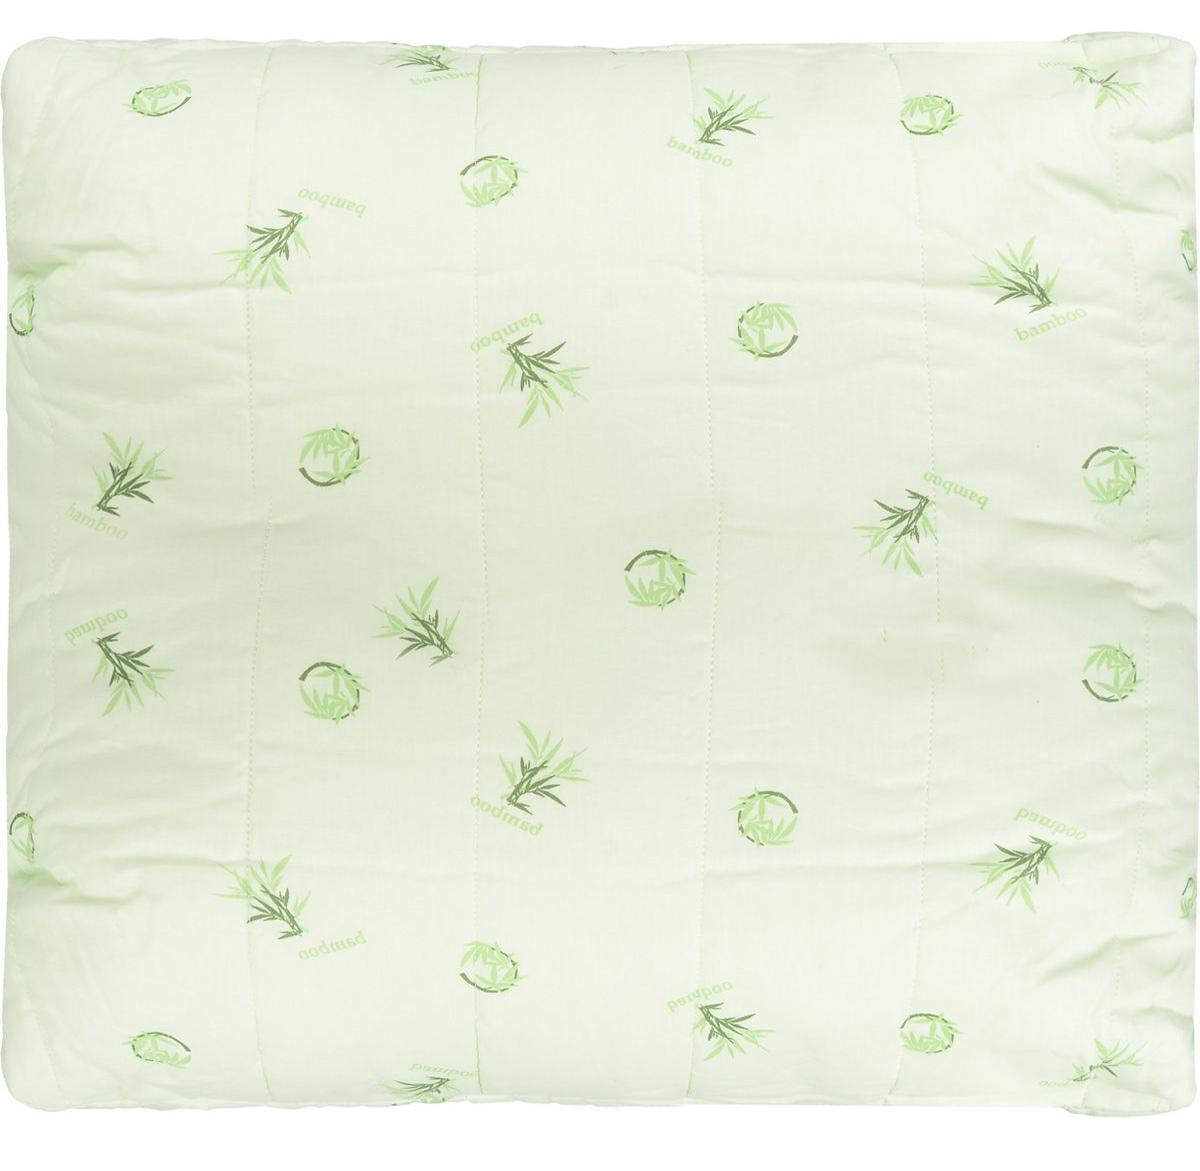 """Подушка Легкие сны """"Бамбук"""", наполнитель: бамбуковое волокно, 50 x 68 см"""